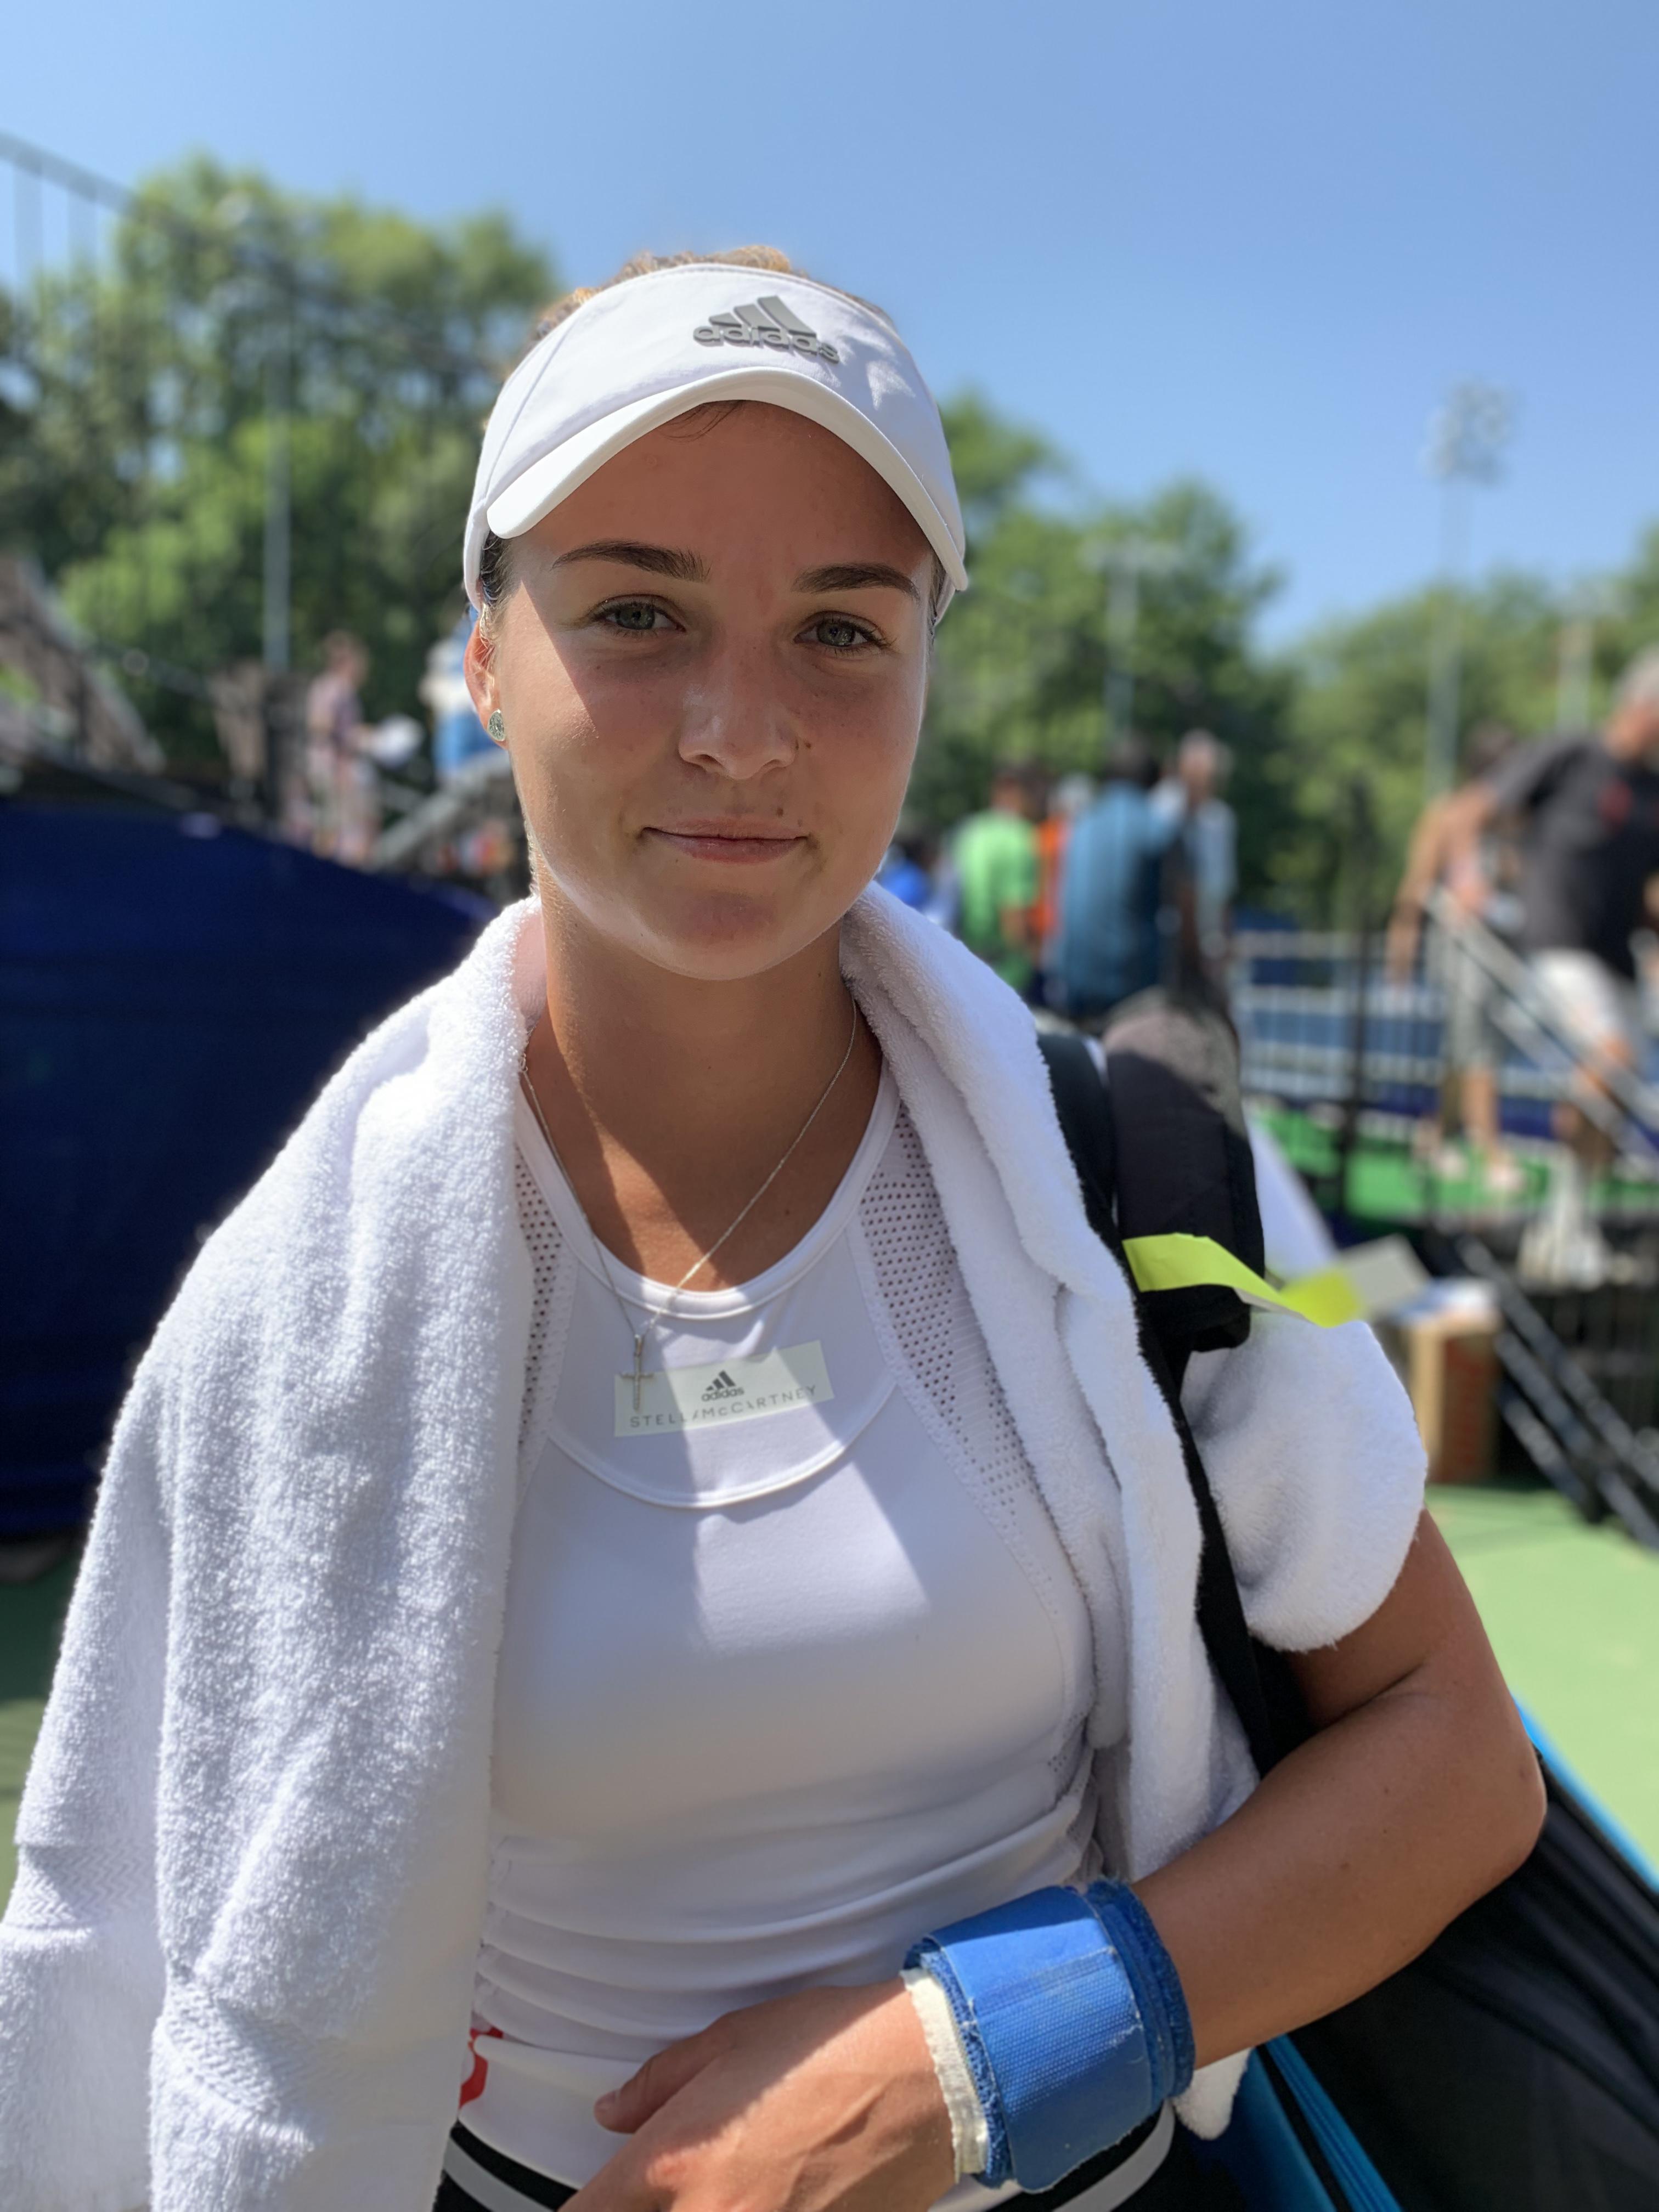 Anna Kalinskaya, 2019 Citi Open (TennisAtlantic.com)